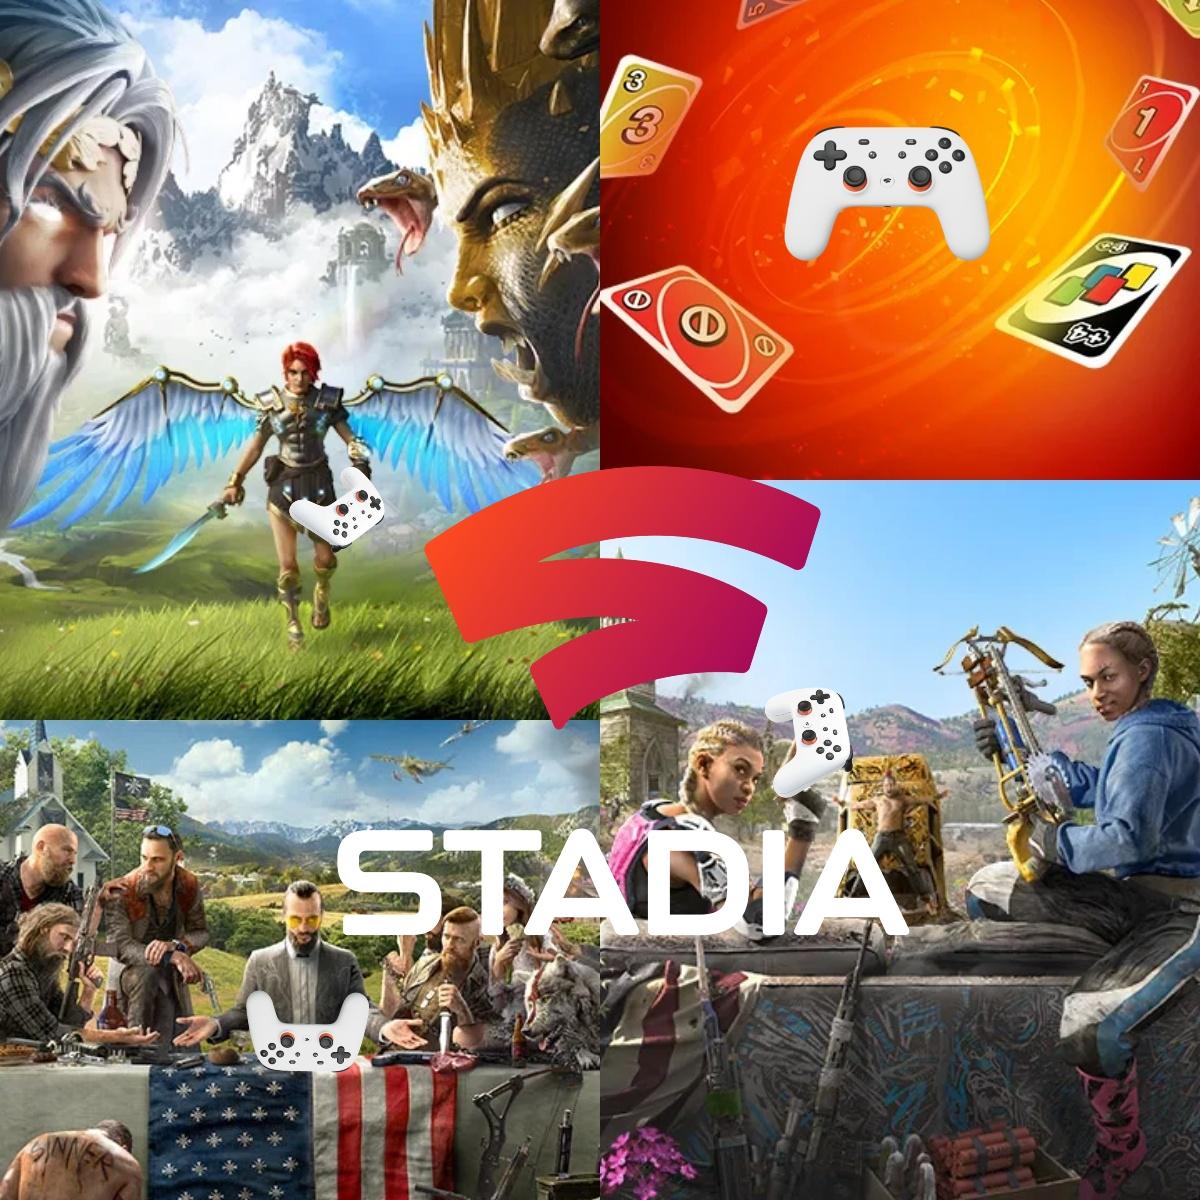 Wochenangebote Stadia Pro und Stadia u.a. Immortals Fenyx Rising, Far Cry